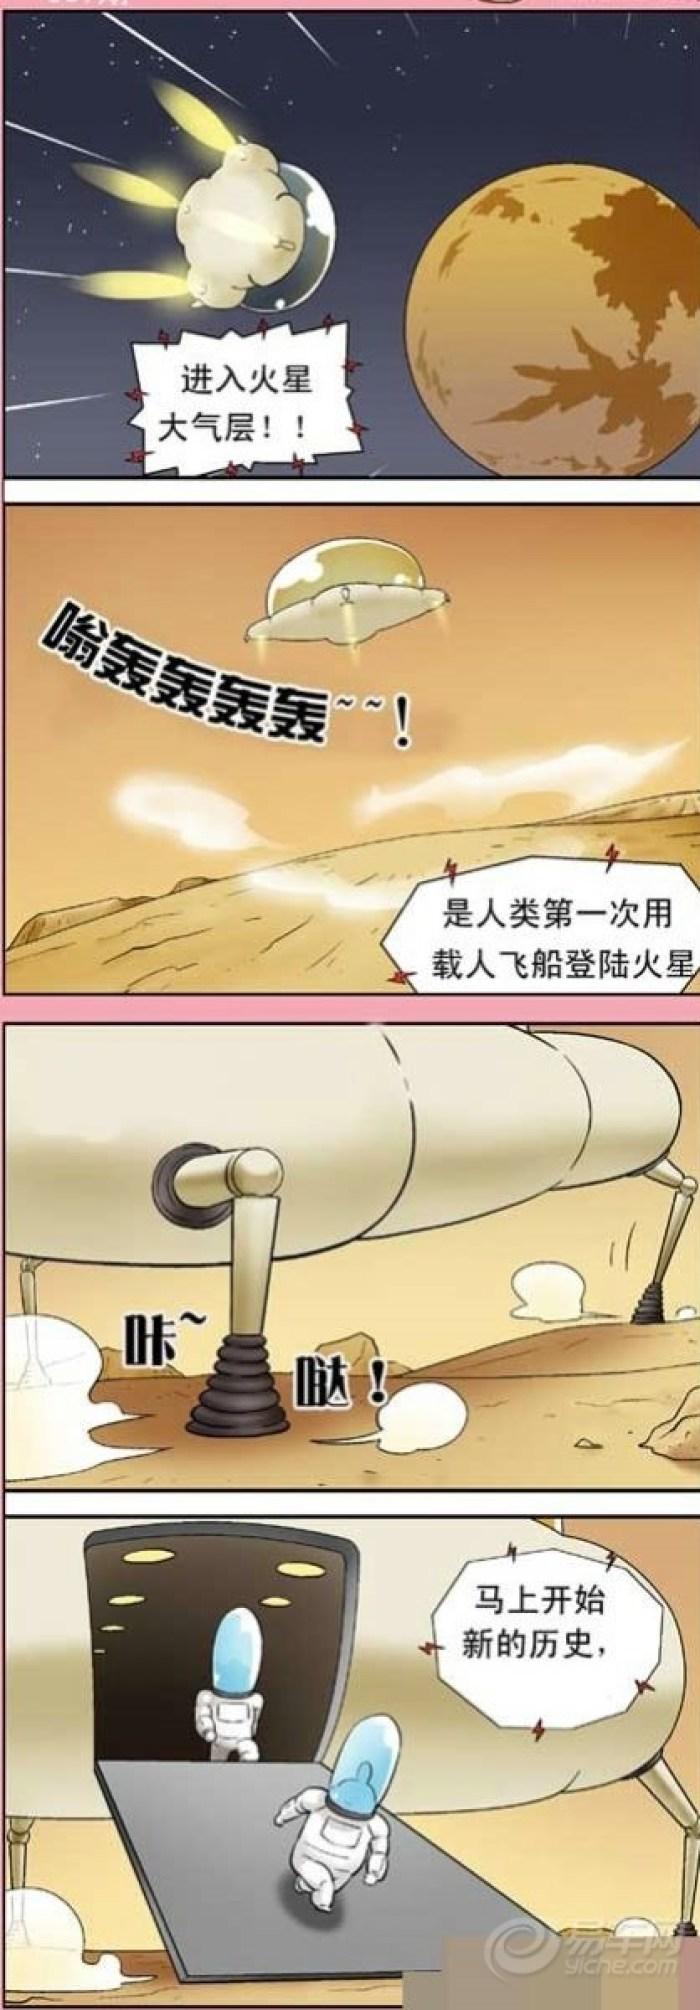 【人类漫画:车友首登火星】_河南内涵_漫画葵汽车图片